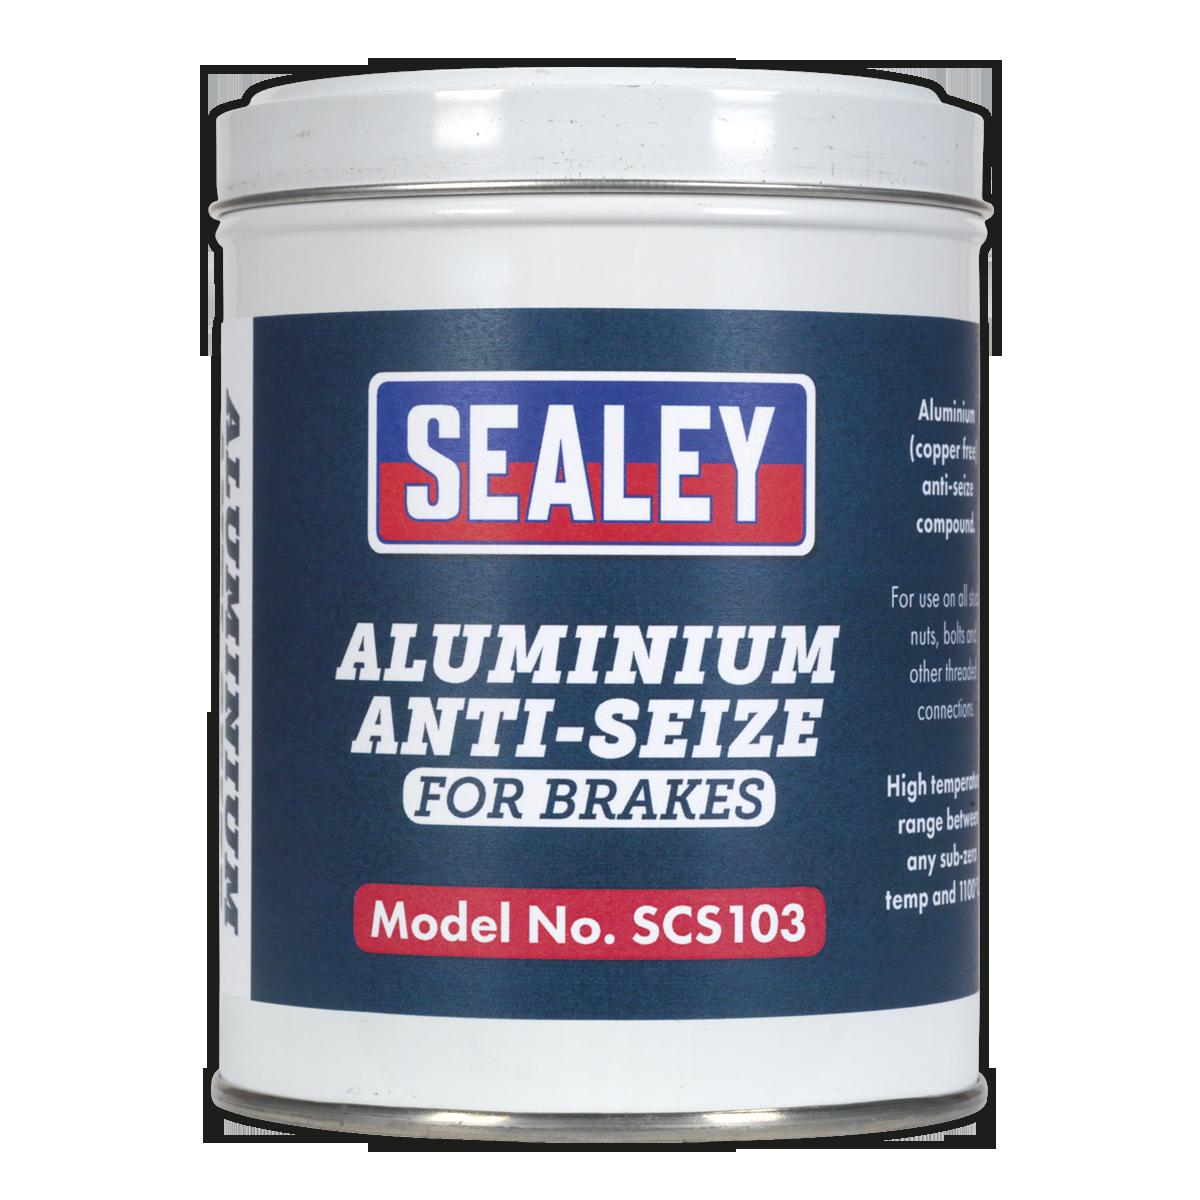 Aluminium Anti-Seize Compound 500g Tin